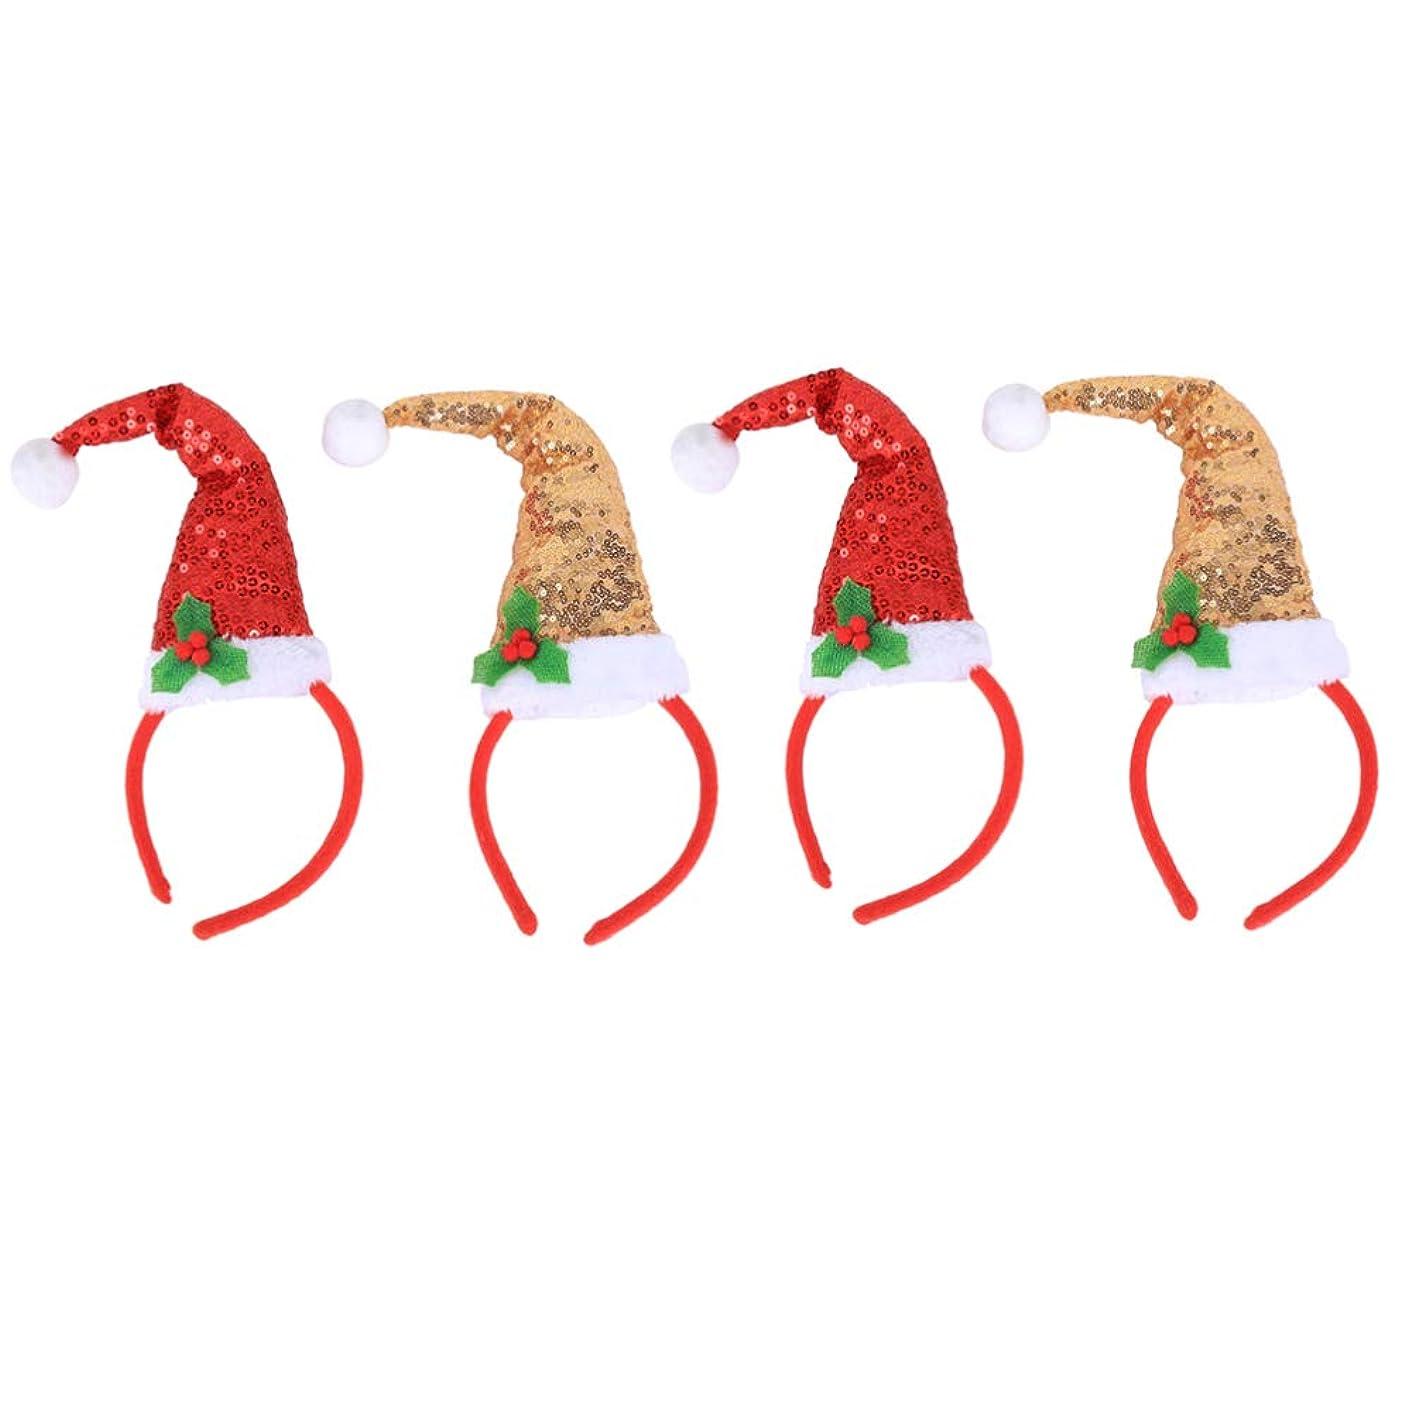 満員警告するアカデミックLurrose クリスマス帽子ヘアバンドクリスマスヘッドバンドヘアバンドヘッドボッパーズヘアアクセサリー用クリスマスパーティー用品4ピース